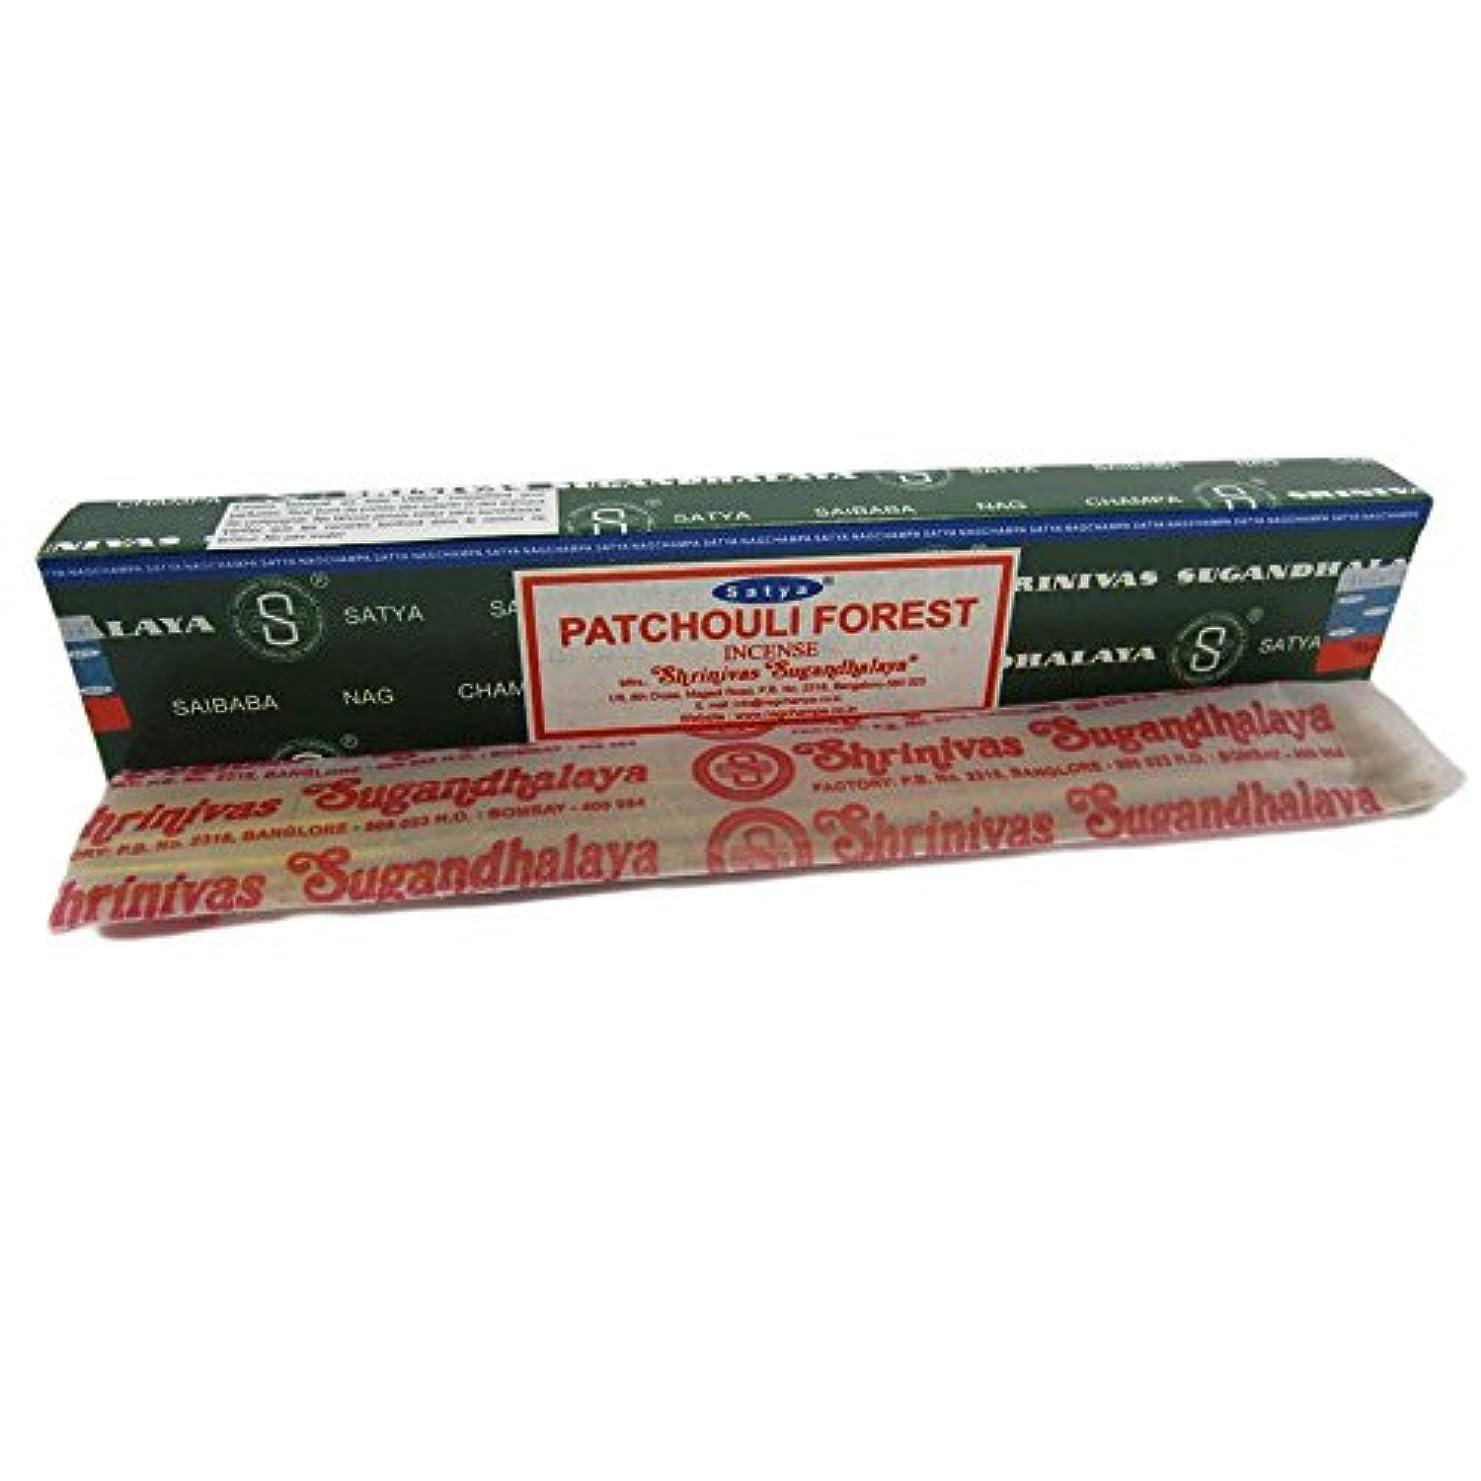 自発有毒効率的Nagchampa PATCHOULI FOREST Incense Sticks Box of 12 packs by lotusandlime